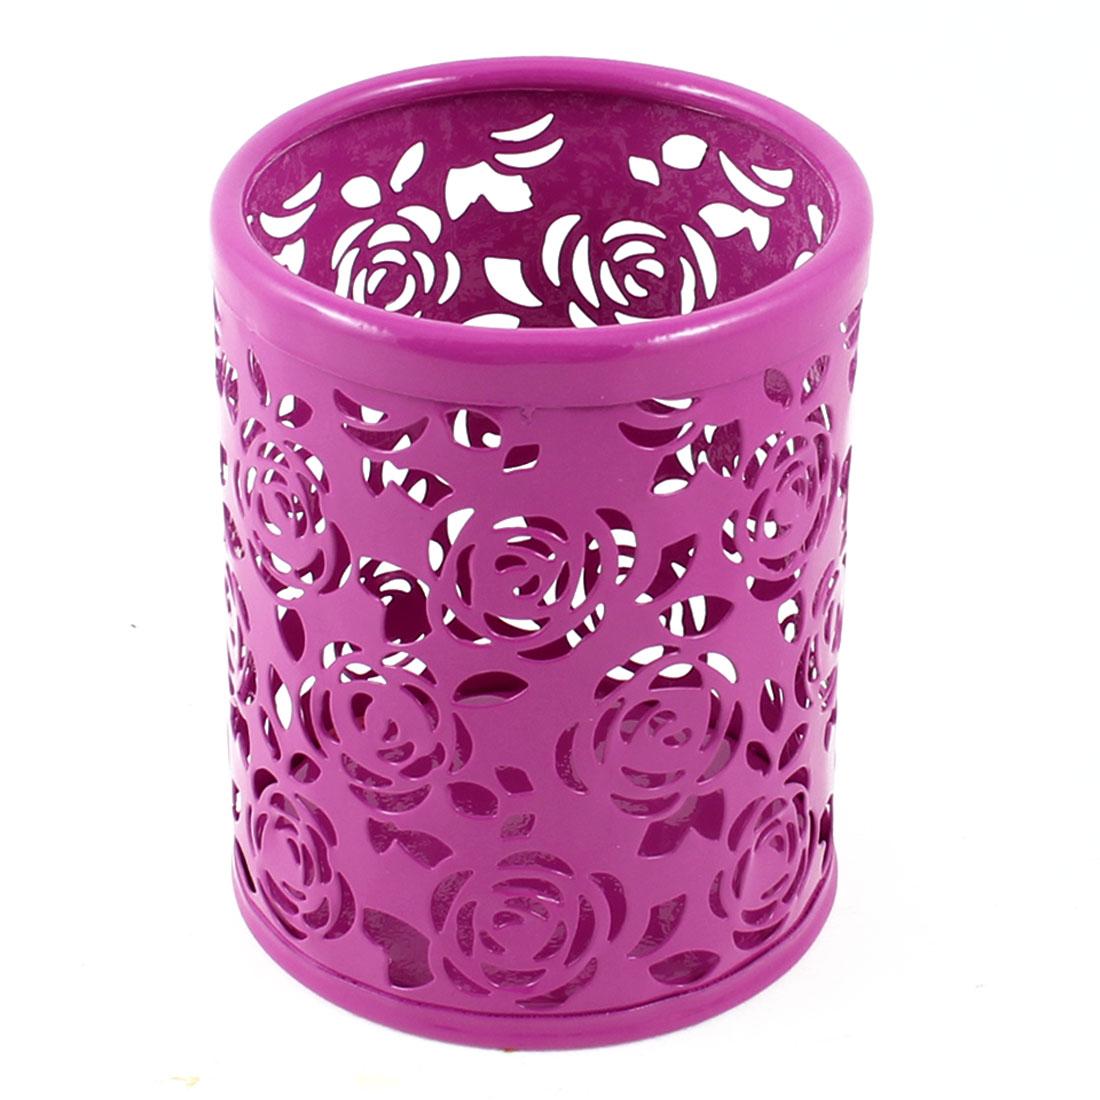 Metal Cylinder Handwork Flower Pen Pencil Eraser Holder Container Purple